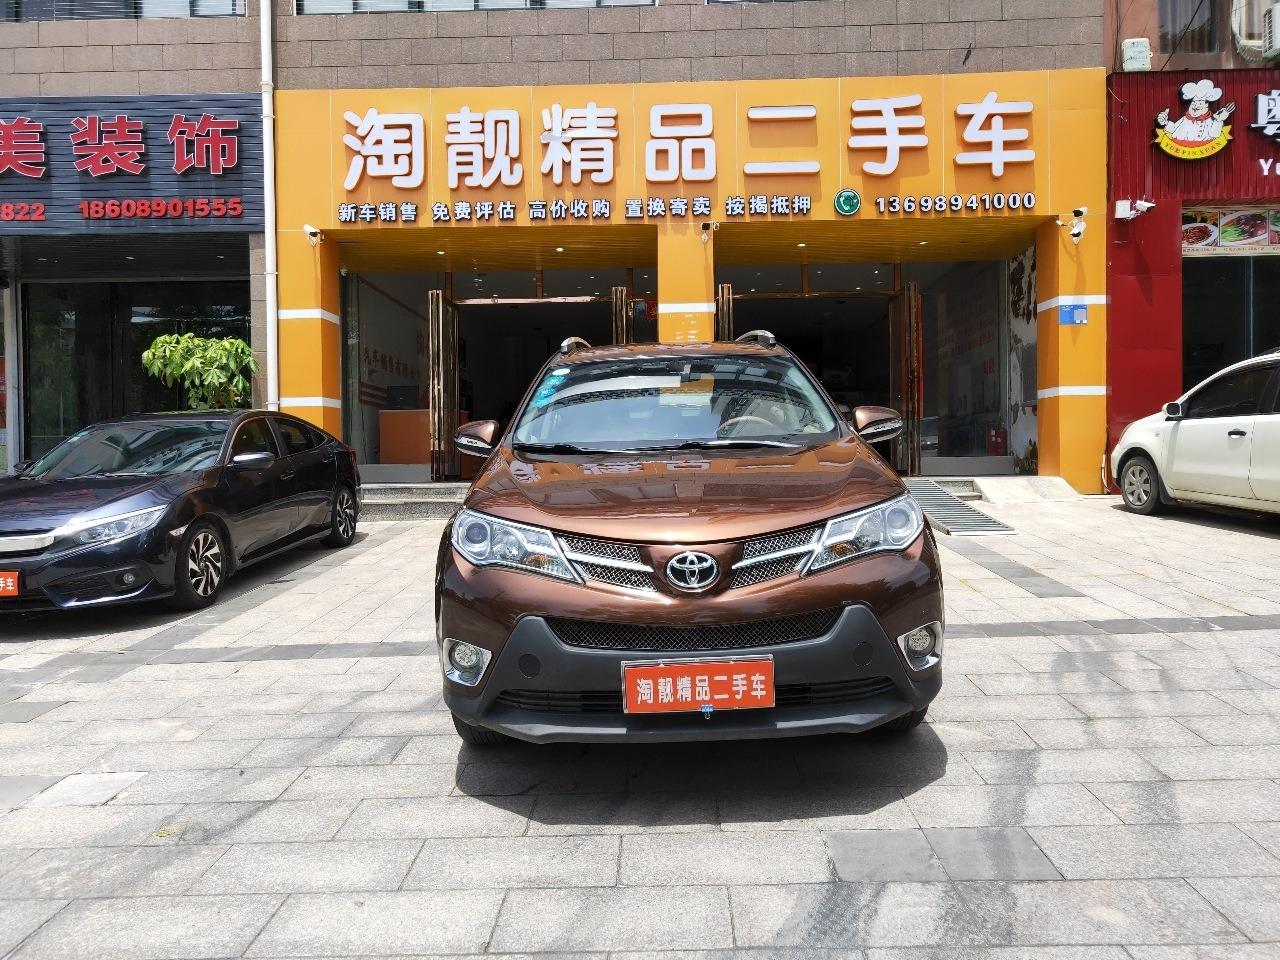 2014年 2.0豐田RAV4 低價出售 首付兩萬